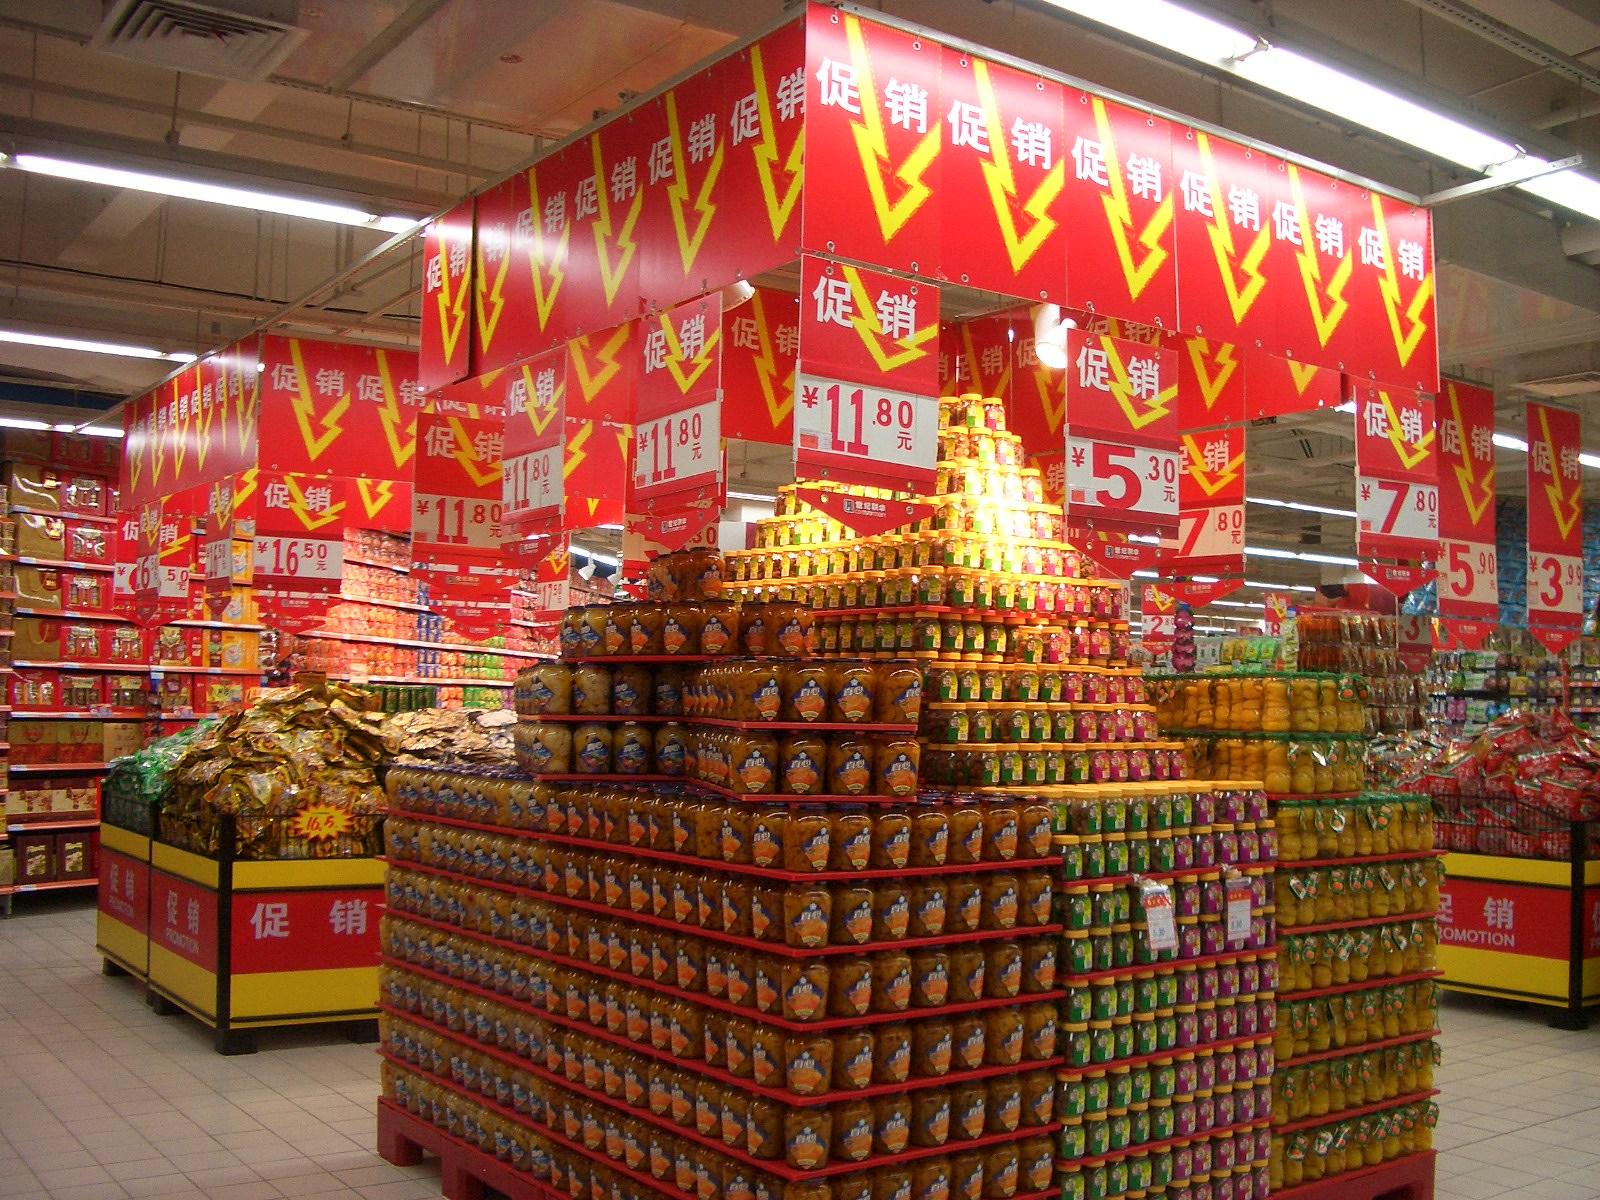 创意陈列,超市创意陈列,超市商品陈列_点力图库